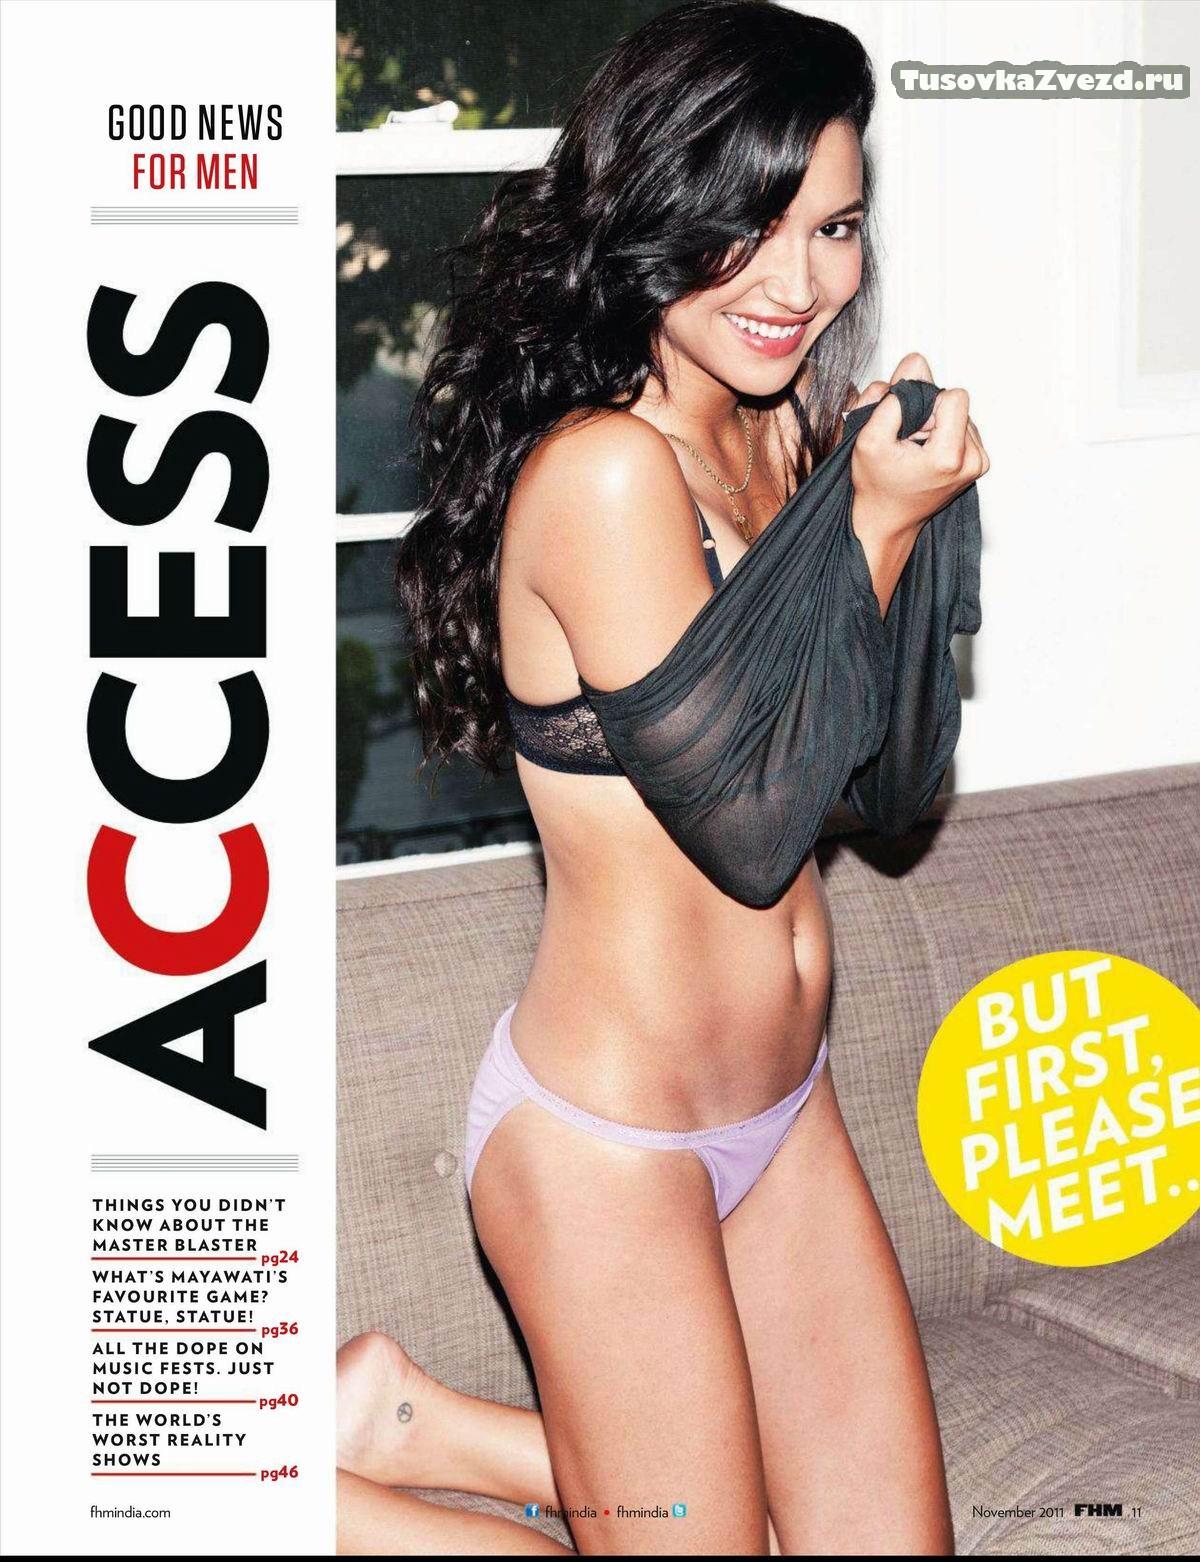 Ная Ривера (Naya Rivera) фото в журнале FHM Индия, ноябрь 2011